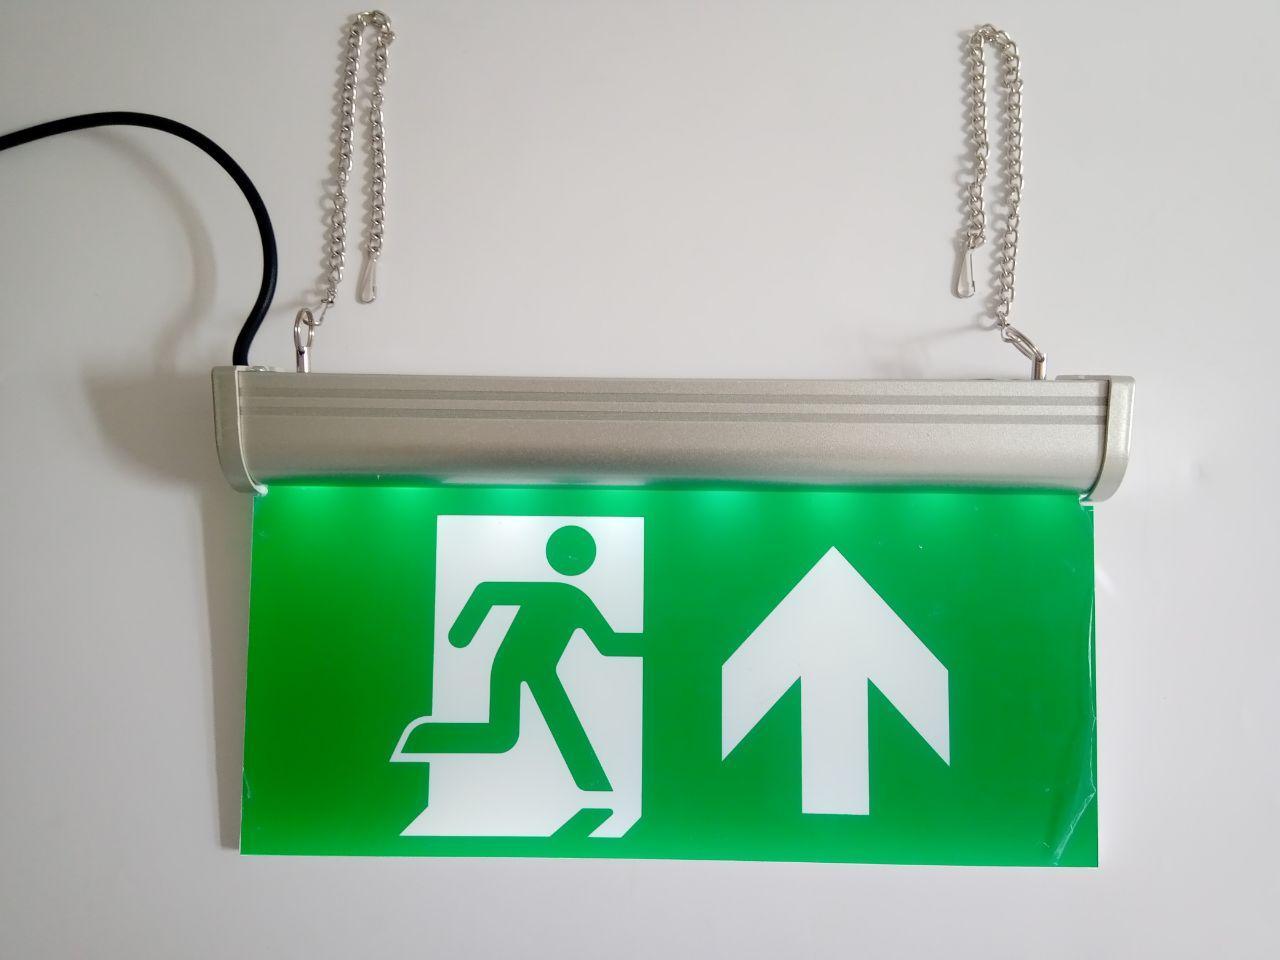 Указатель эвакуационного выхода со стрелкой вверх аккумуляторный для аварийного освещения 220В